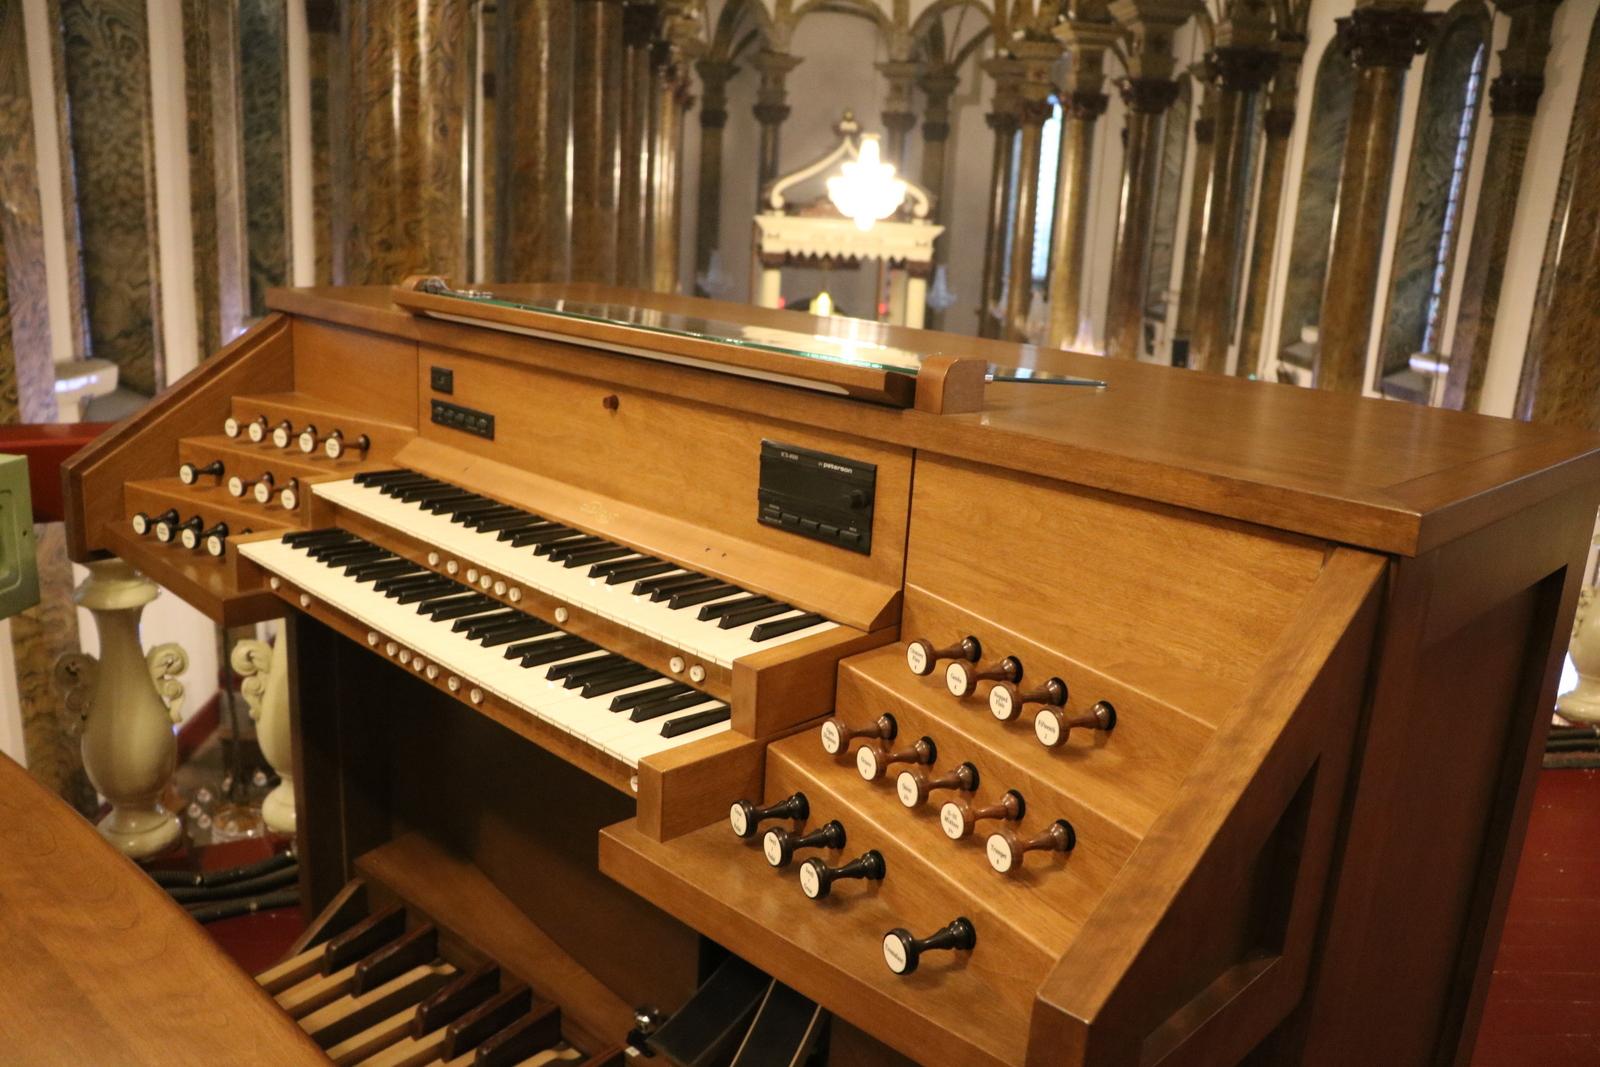 Console de l'orgue Inspiration installé à l'église de l'Est (Wangfujing) à Beijing